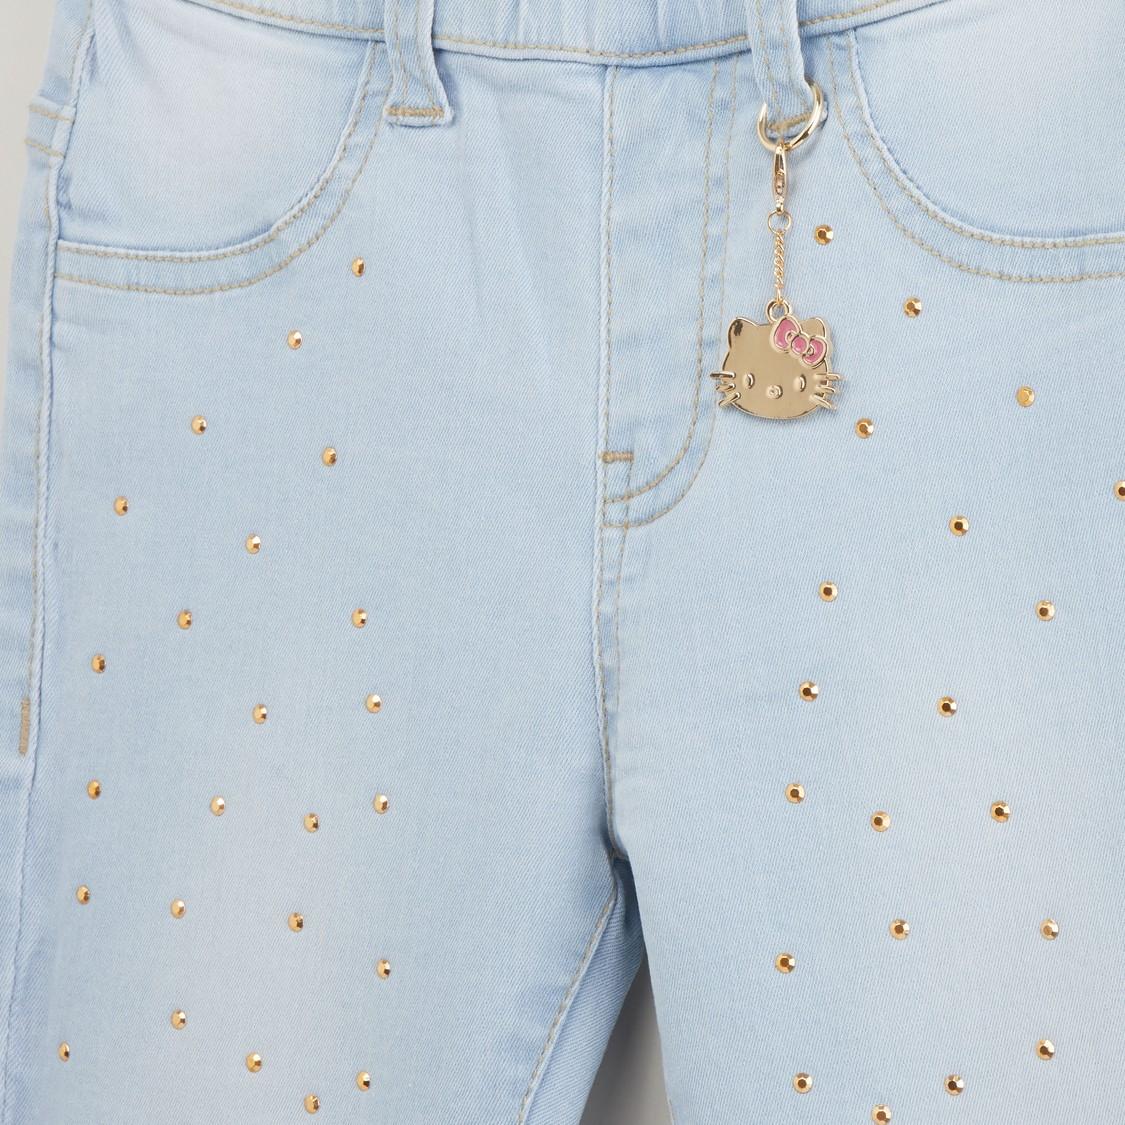 بنطلون جينزبطبعات هالو بحلقات حزام